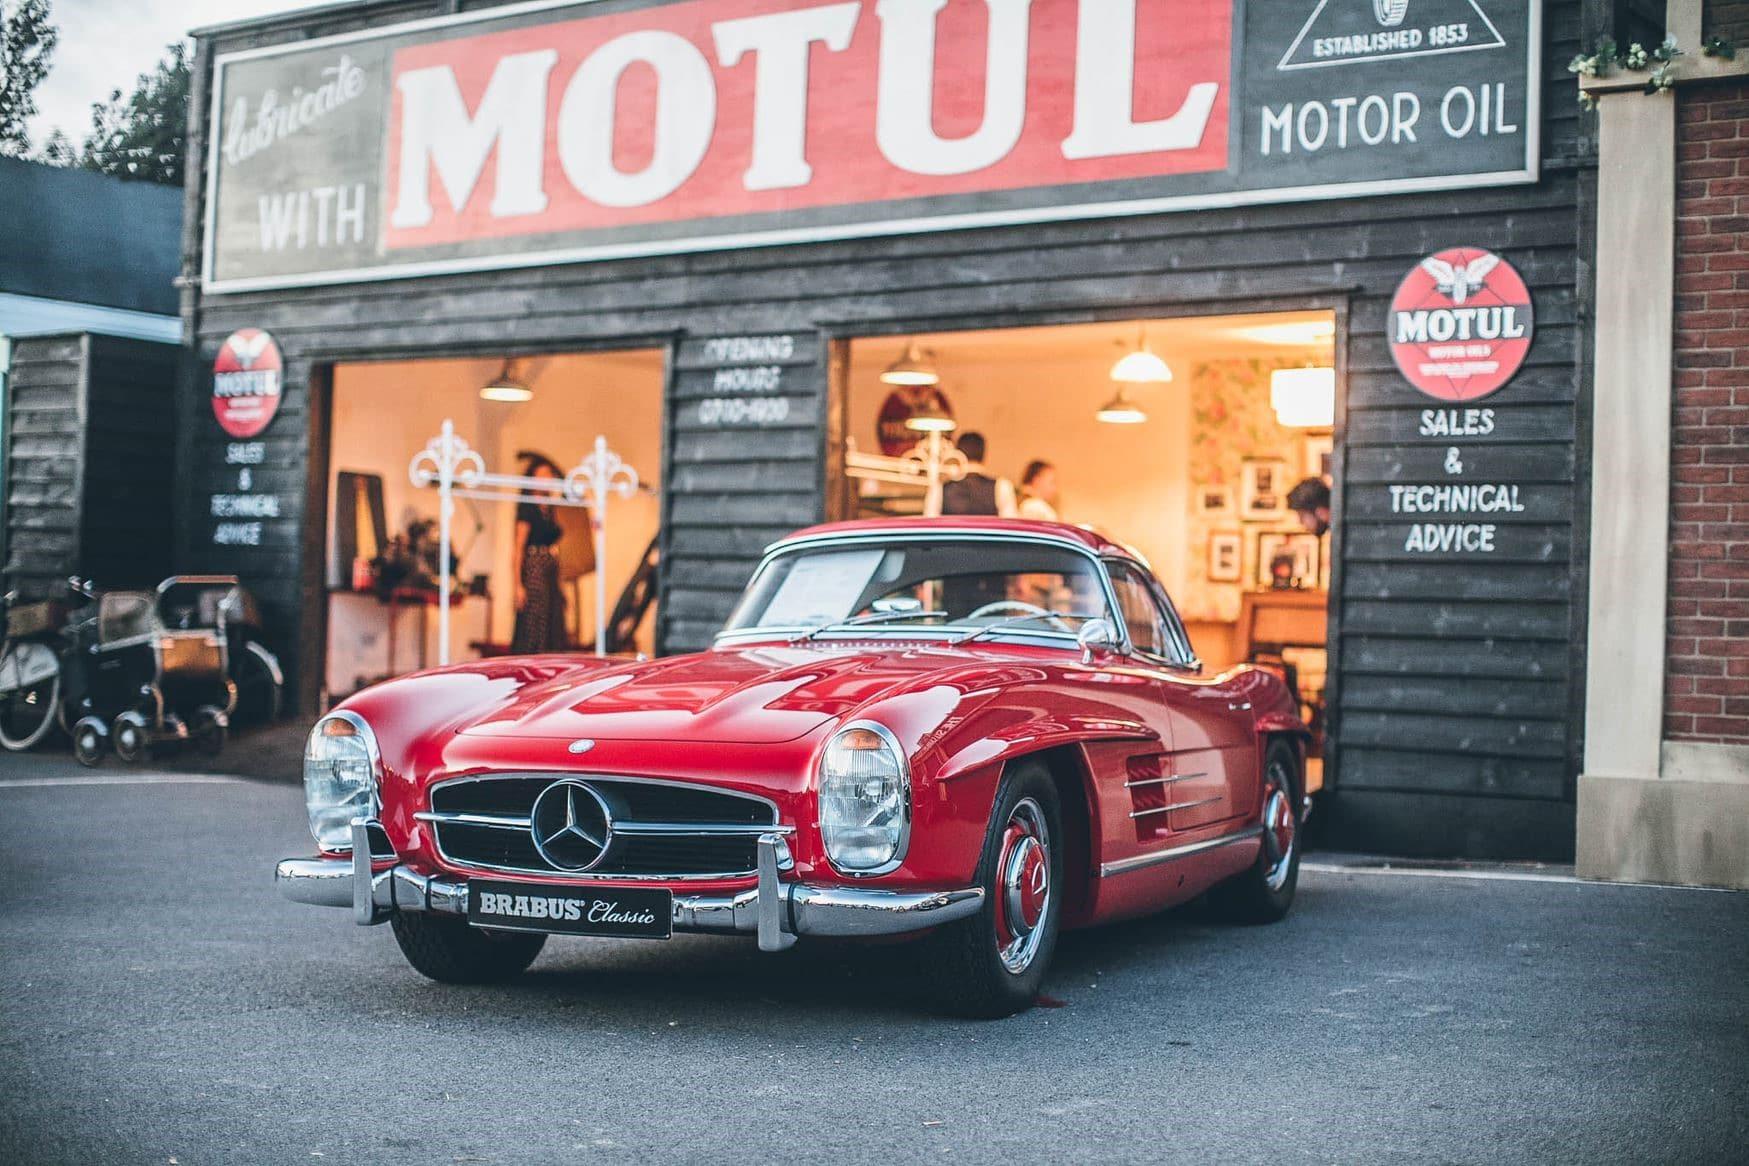 Motul Mercedes